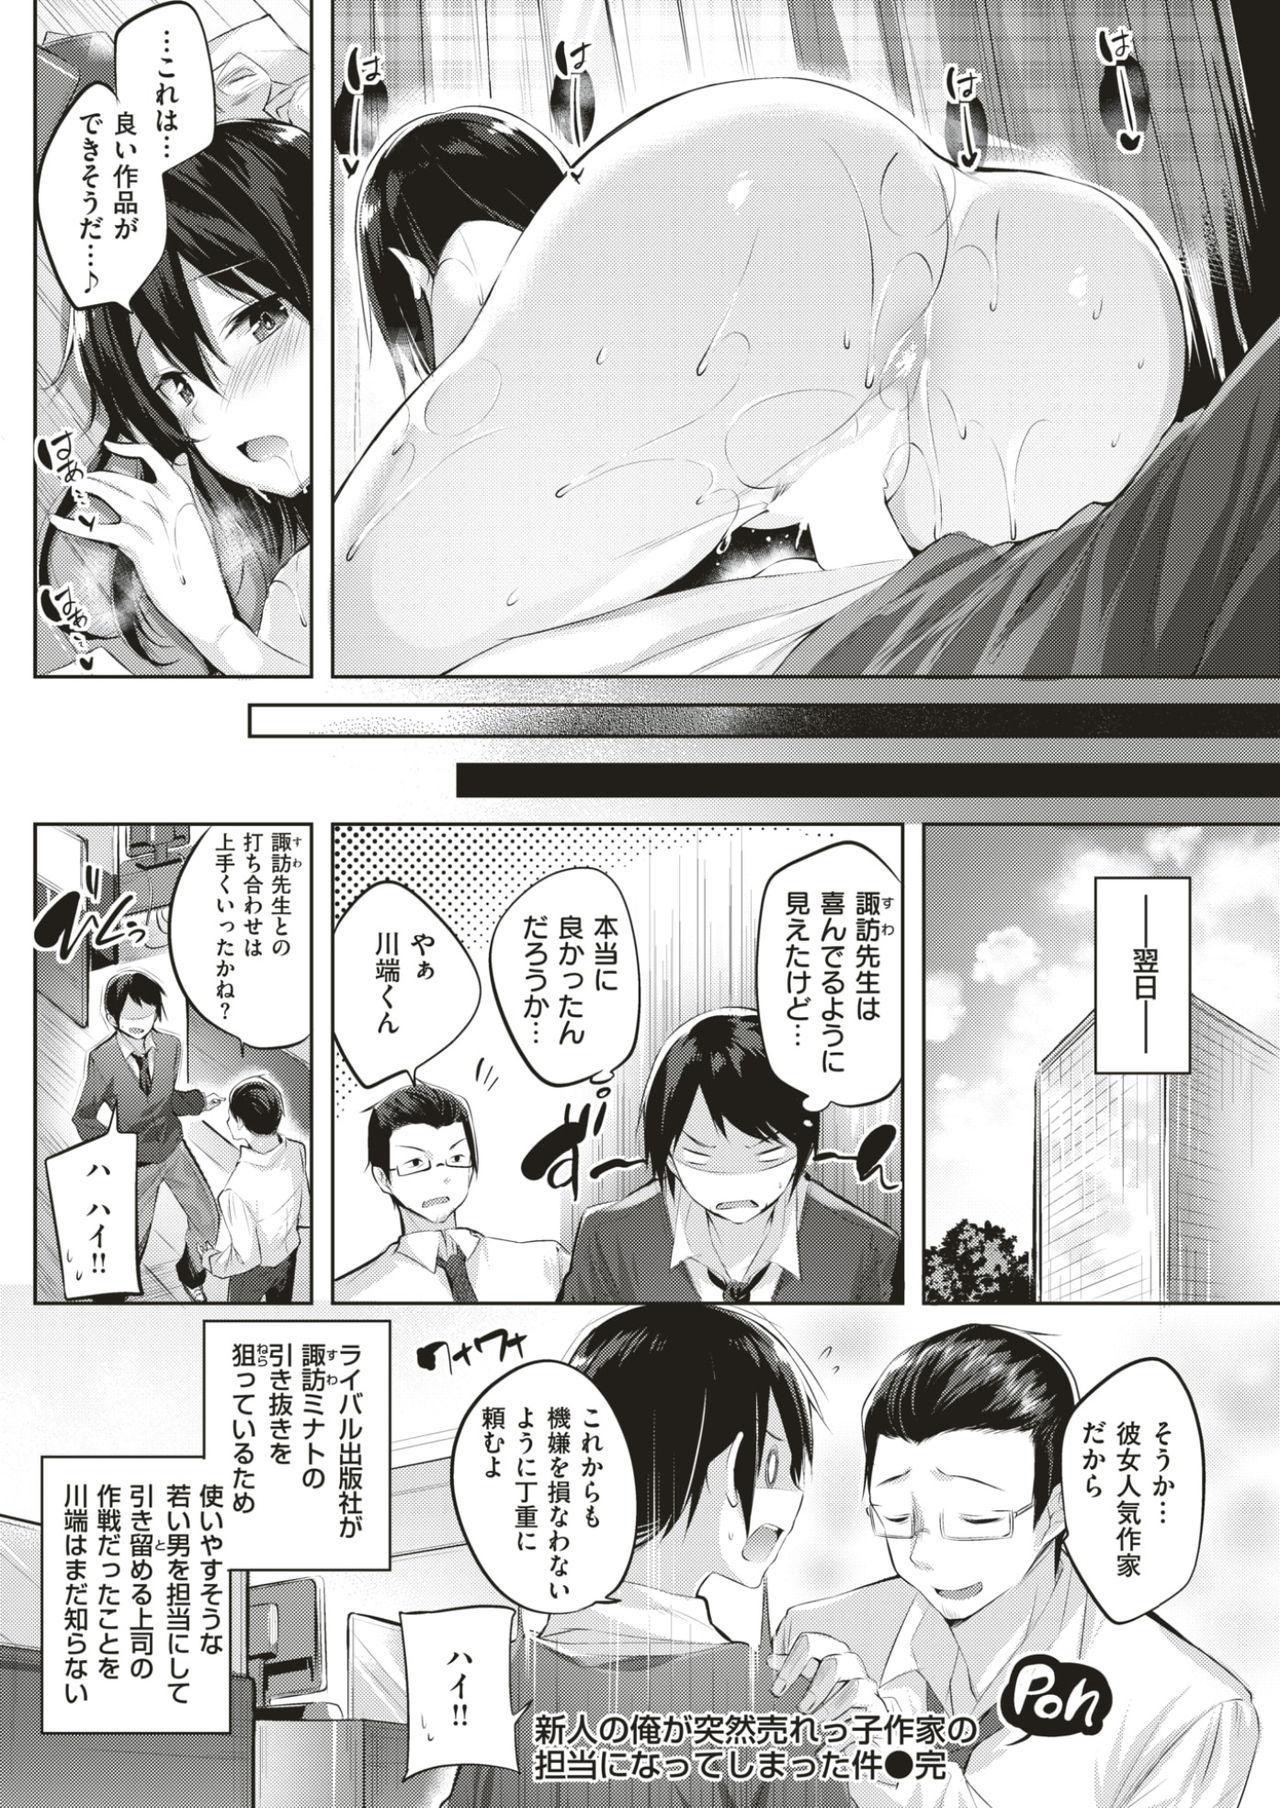 COMIC Kairakuten BEAST 2017-03 148